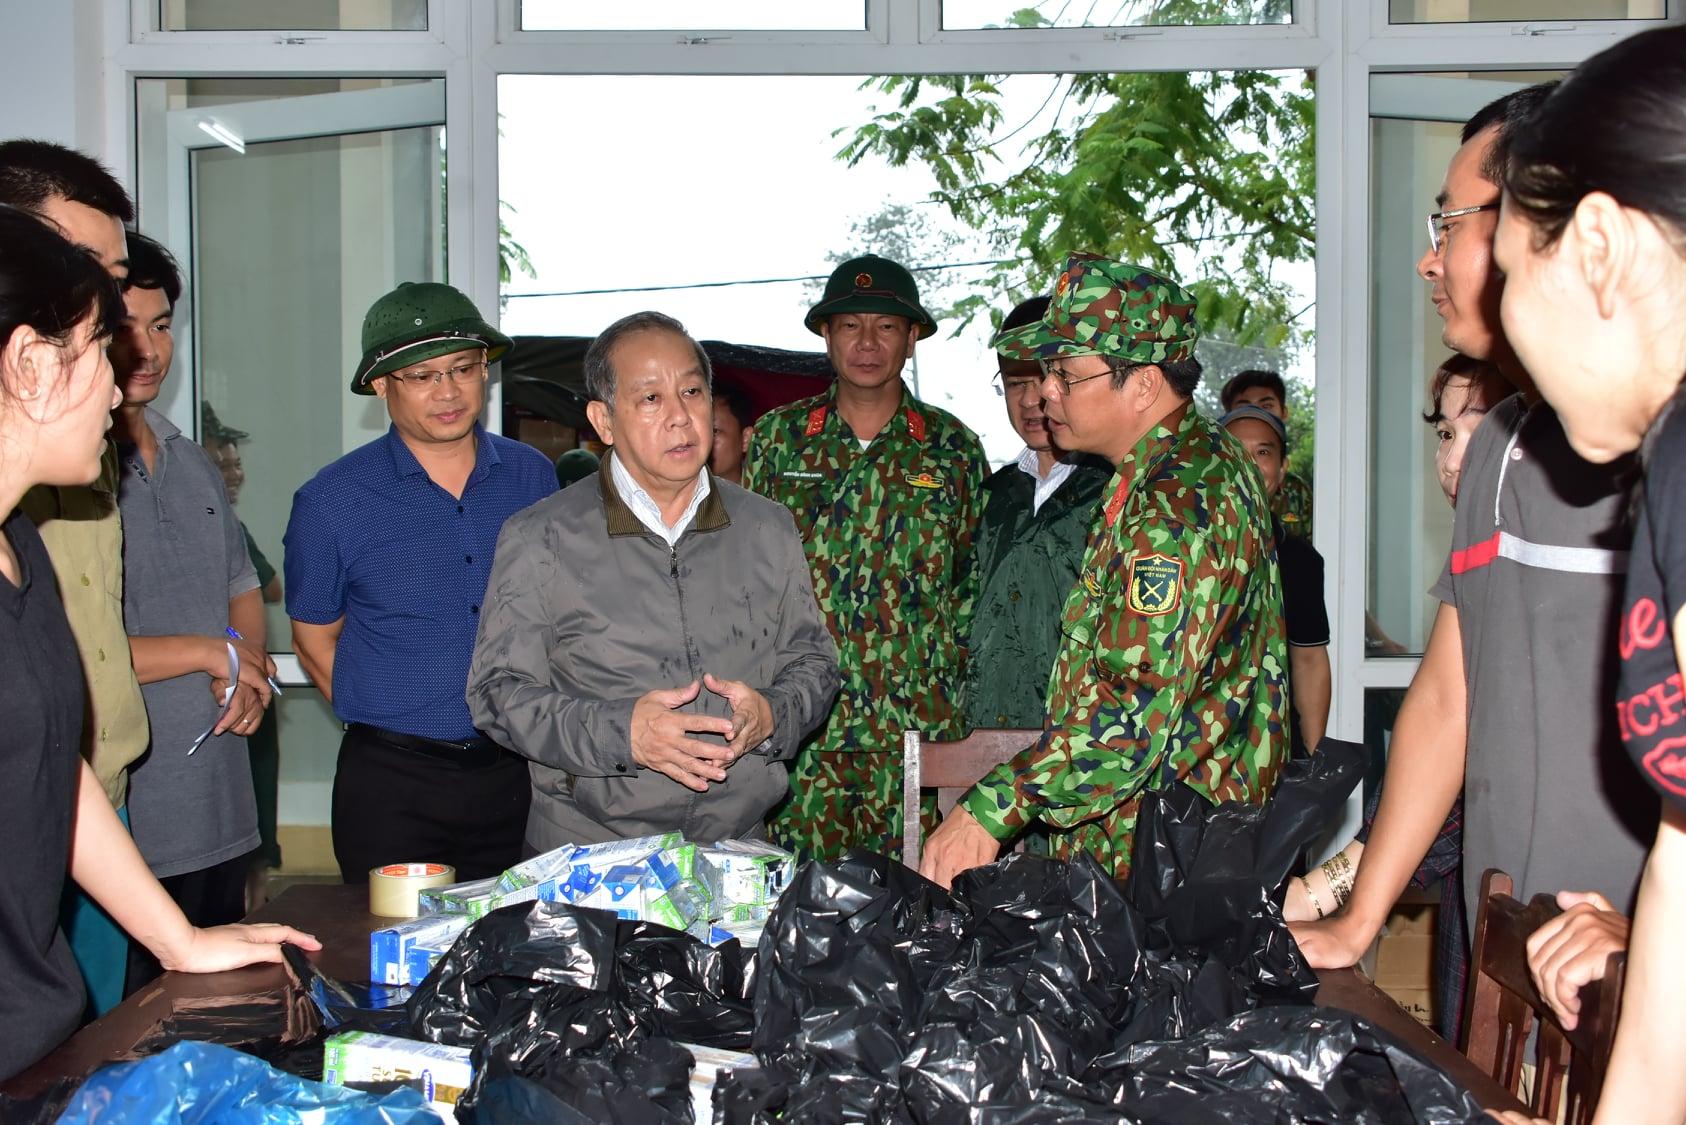 Chủ tịch tỉnh Thừa Thiên Huế yêu cầu các phần quà cần đưa đến tận tay người dân càng sớm càng tốt.